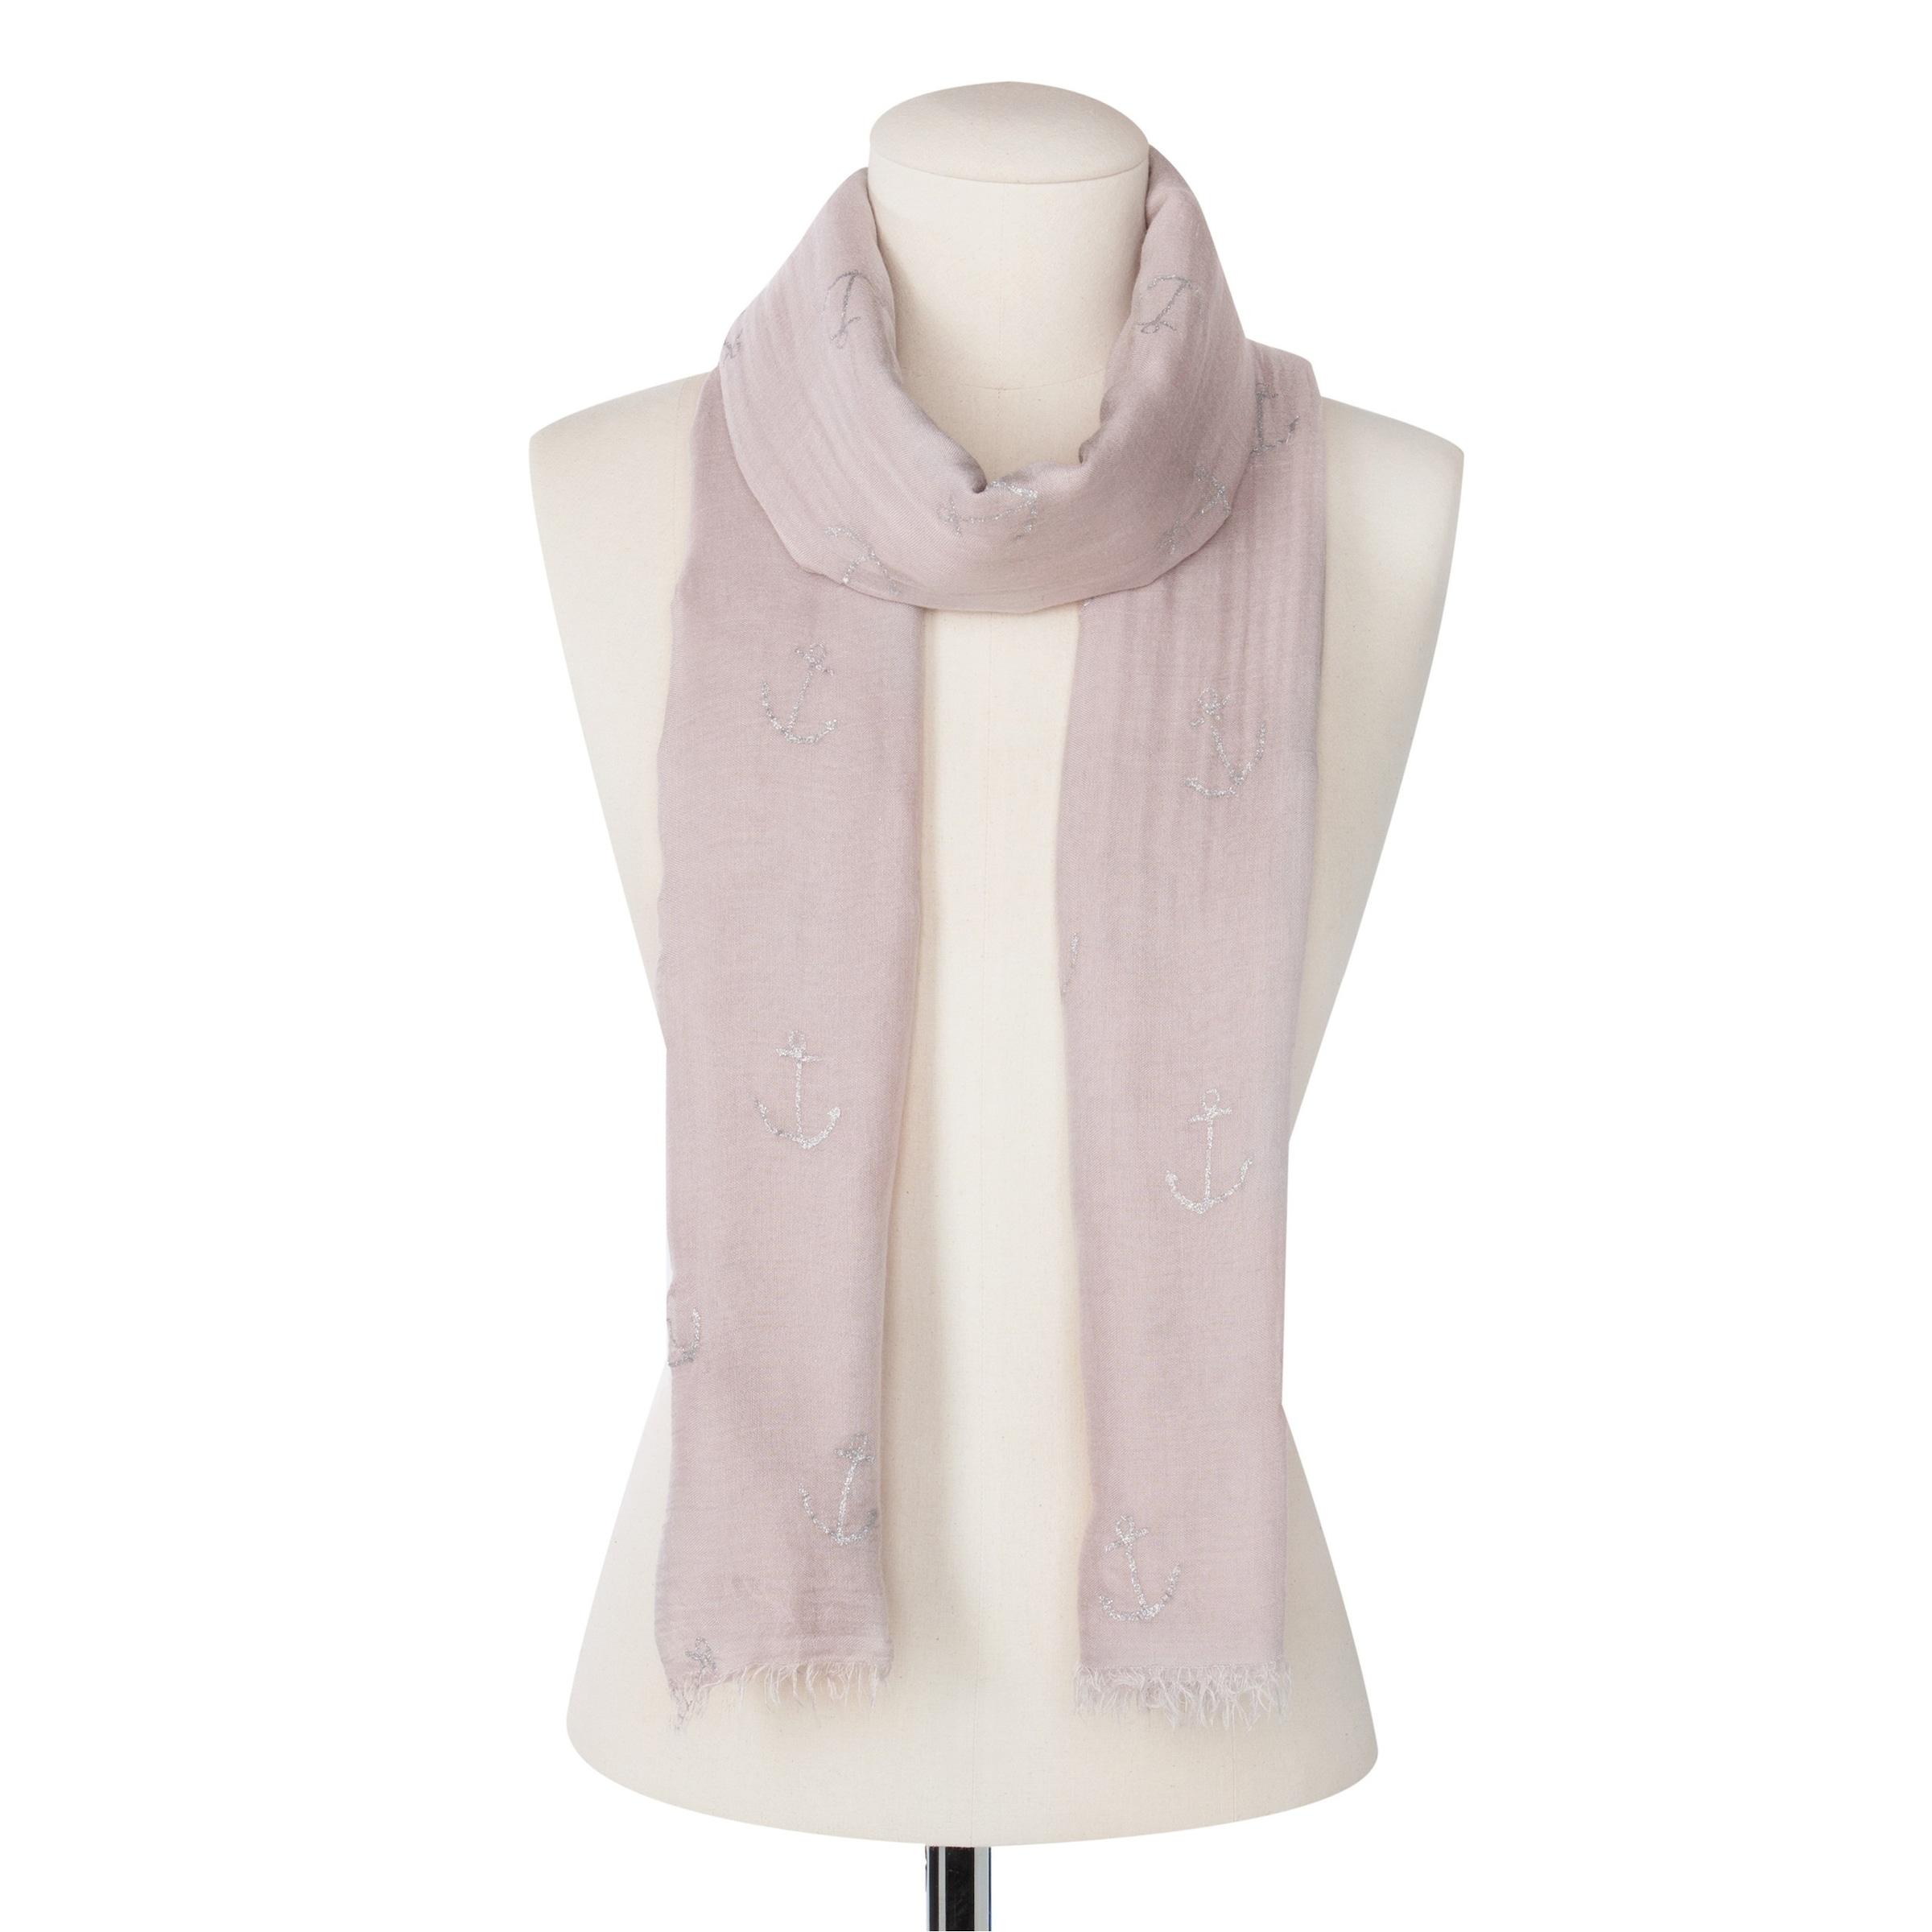 Preiswerte Neue Ankunft CODELLO Schal mit Foilprint Billig Verkauf Geschäft lqETvs8X